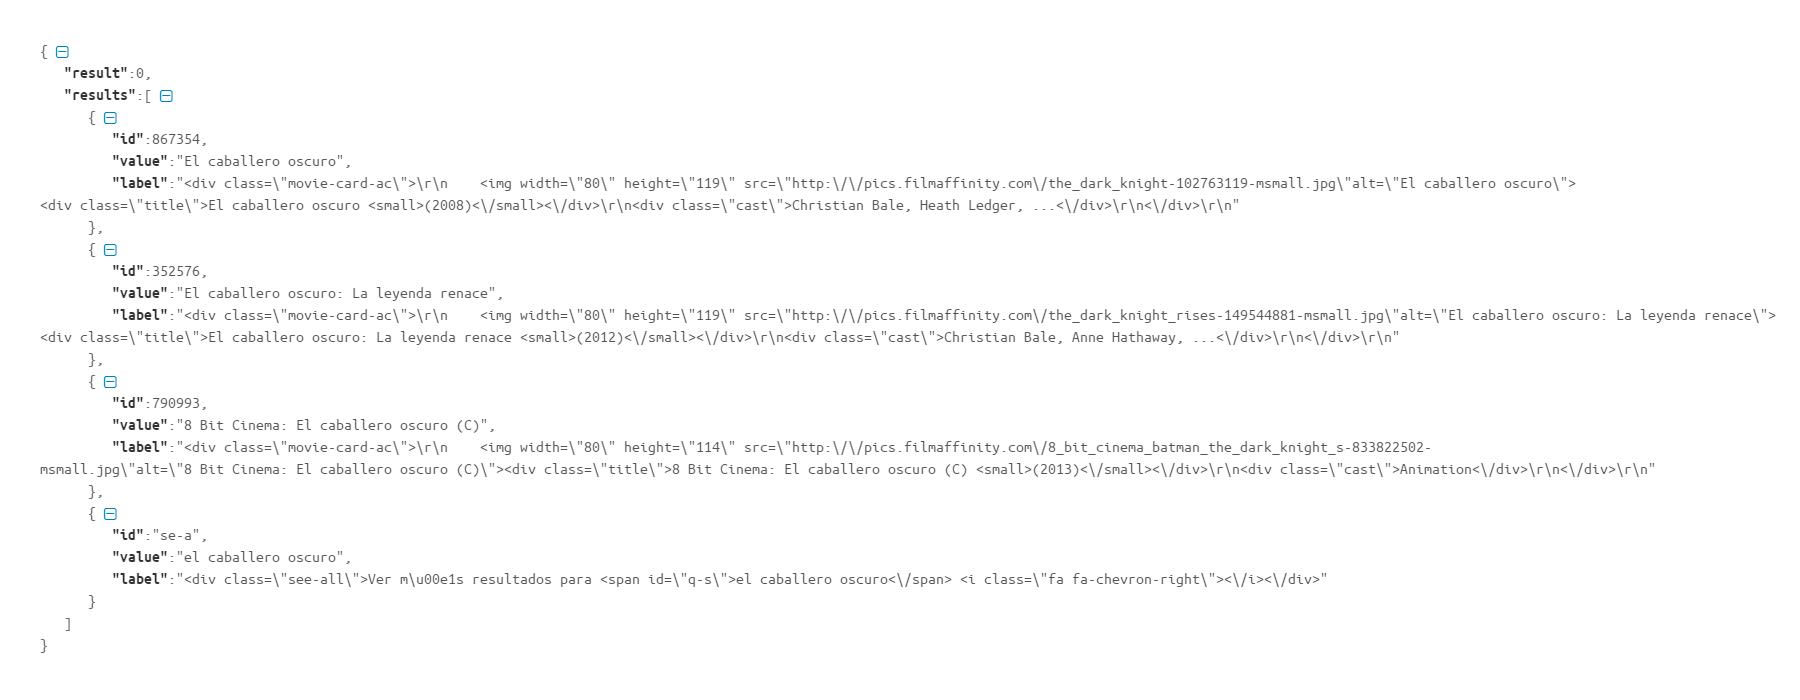 Código de un fichero JSON